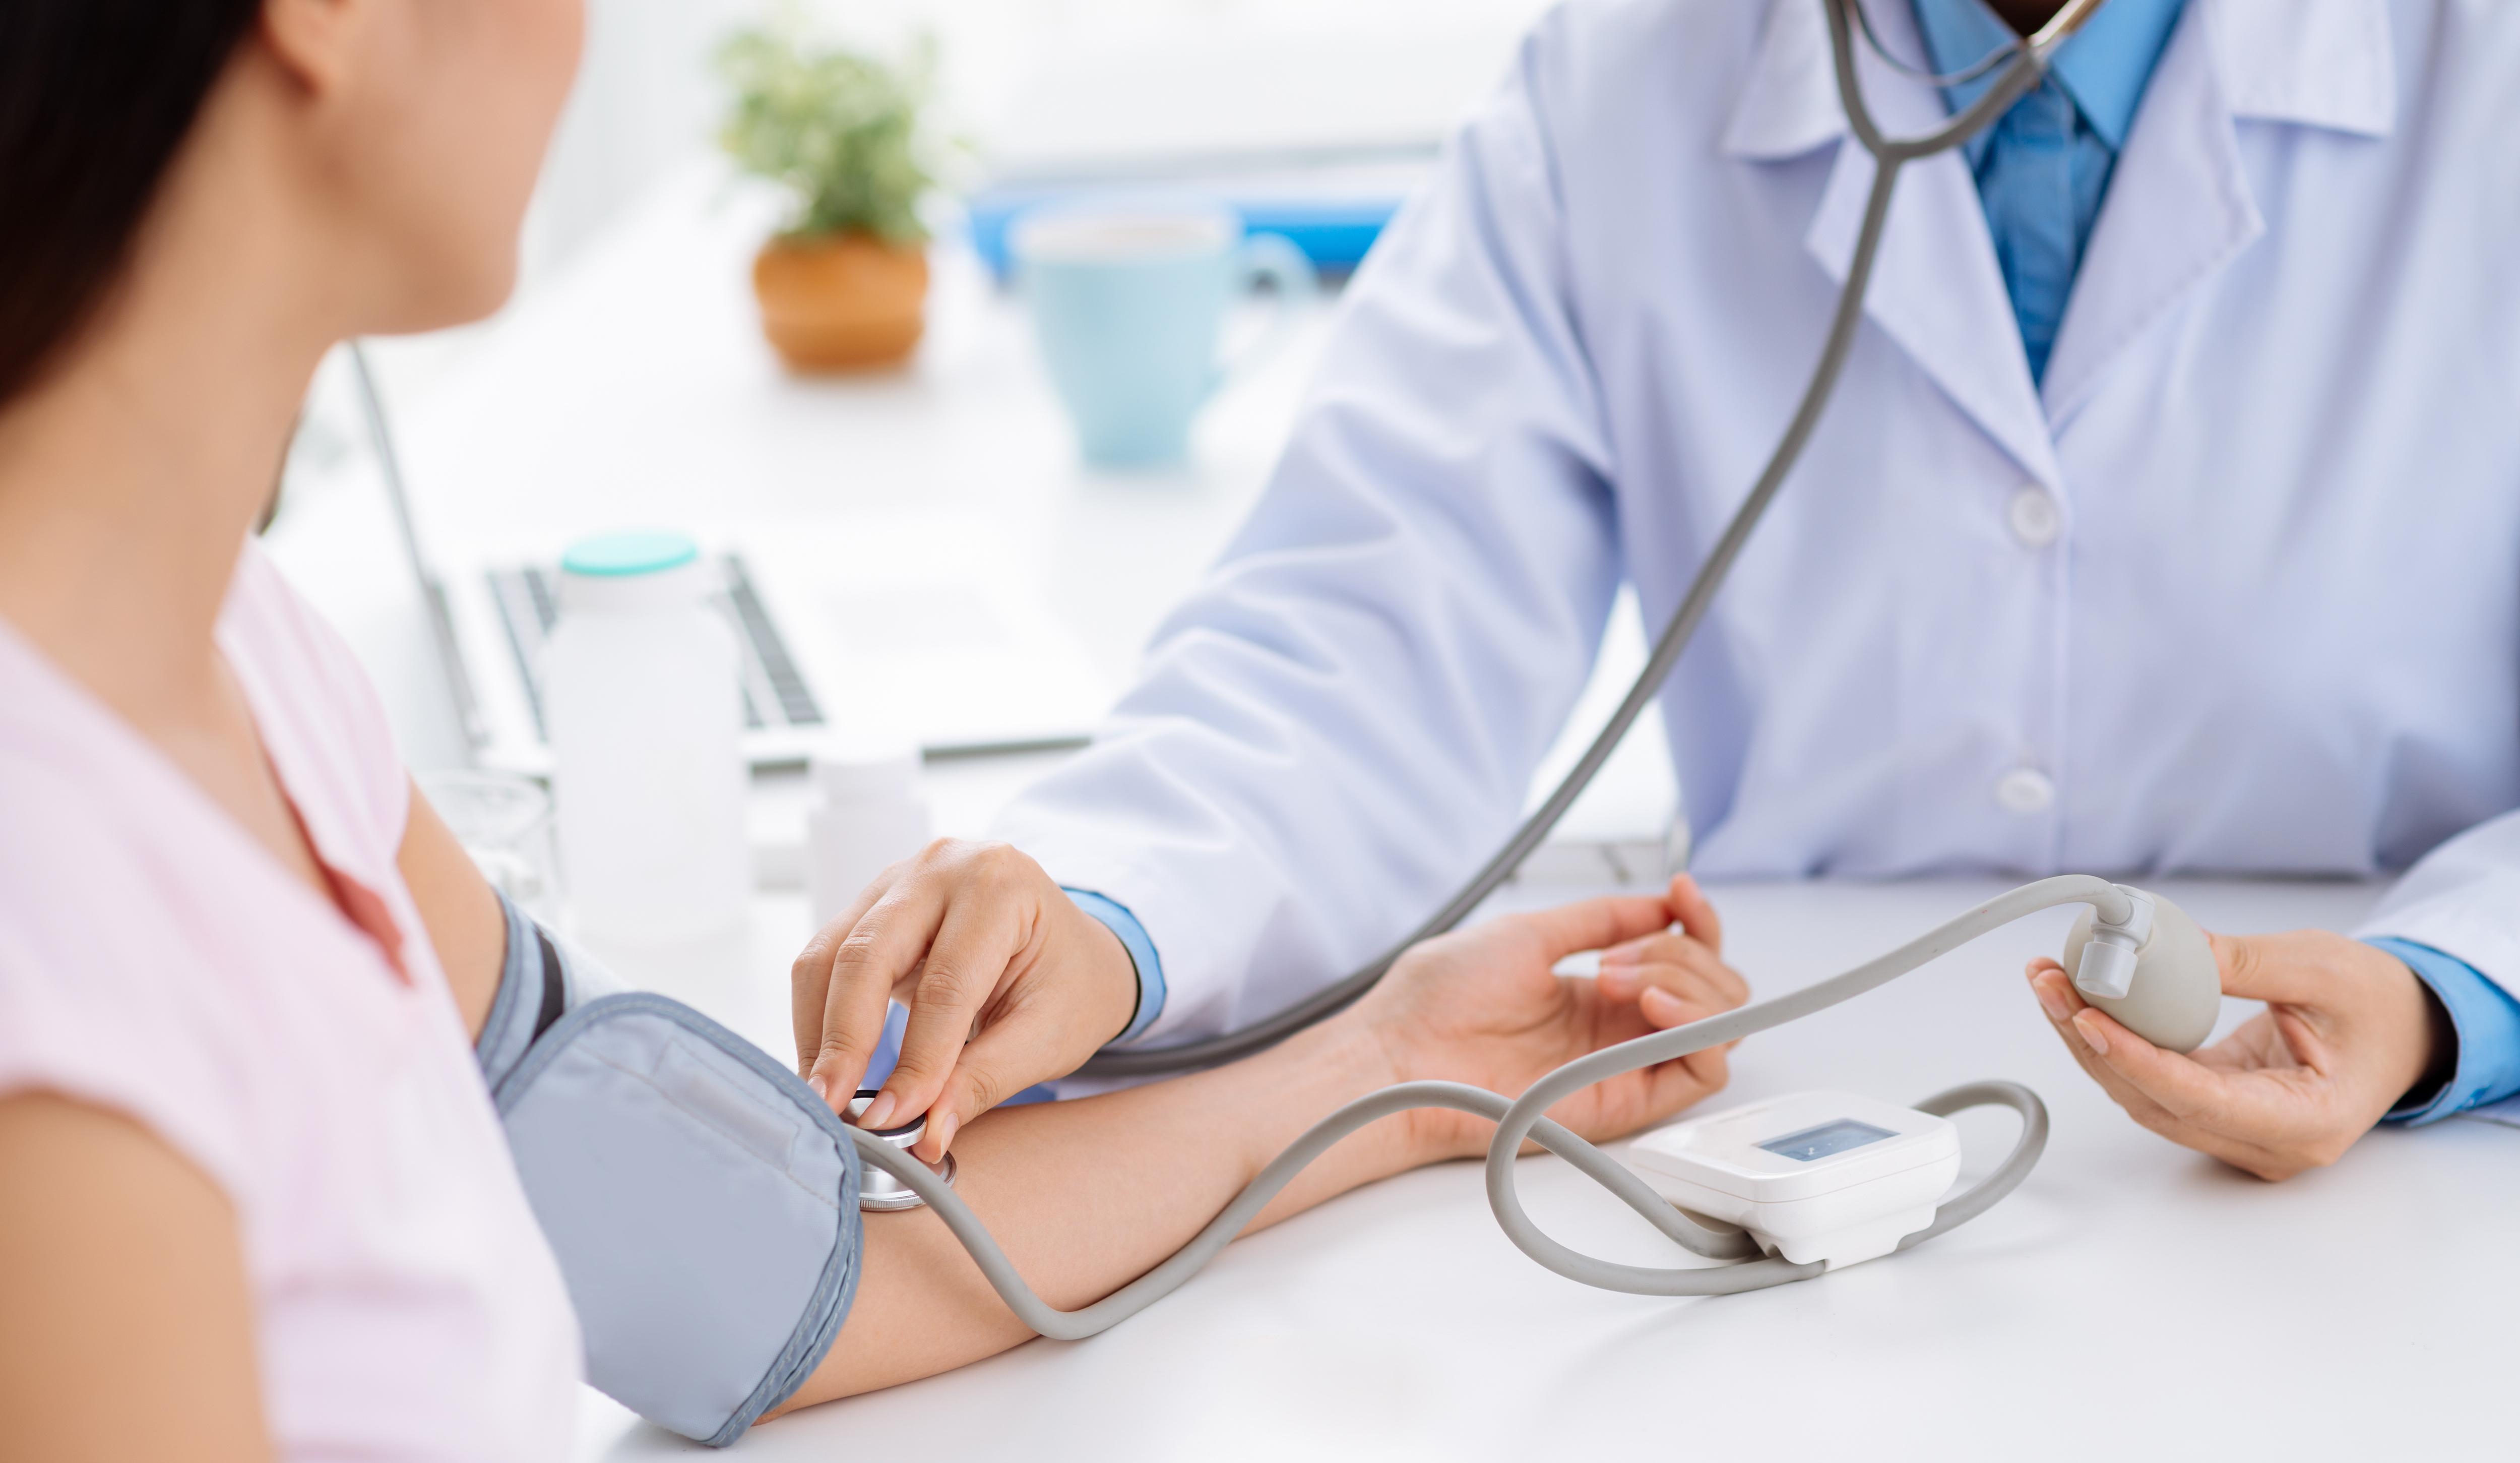 العلاجات الطبيعية لضغط الدم المرتفع